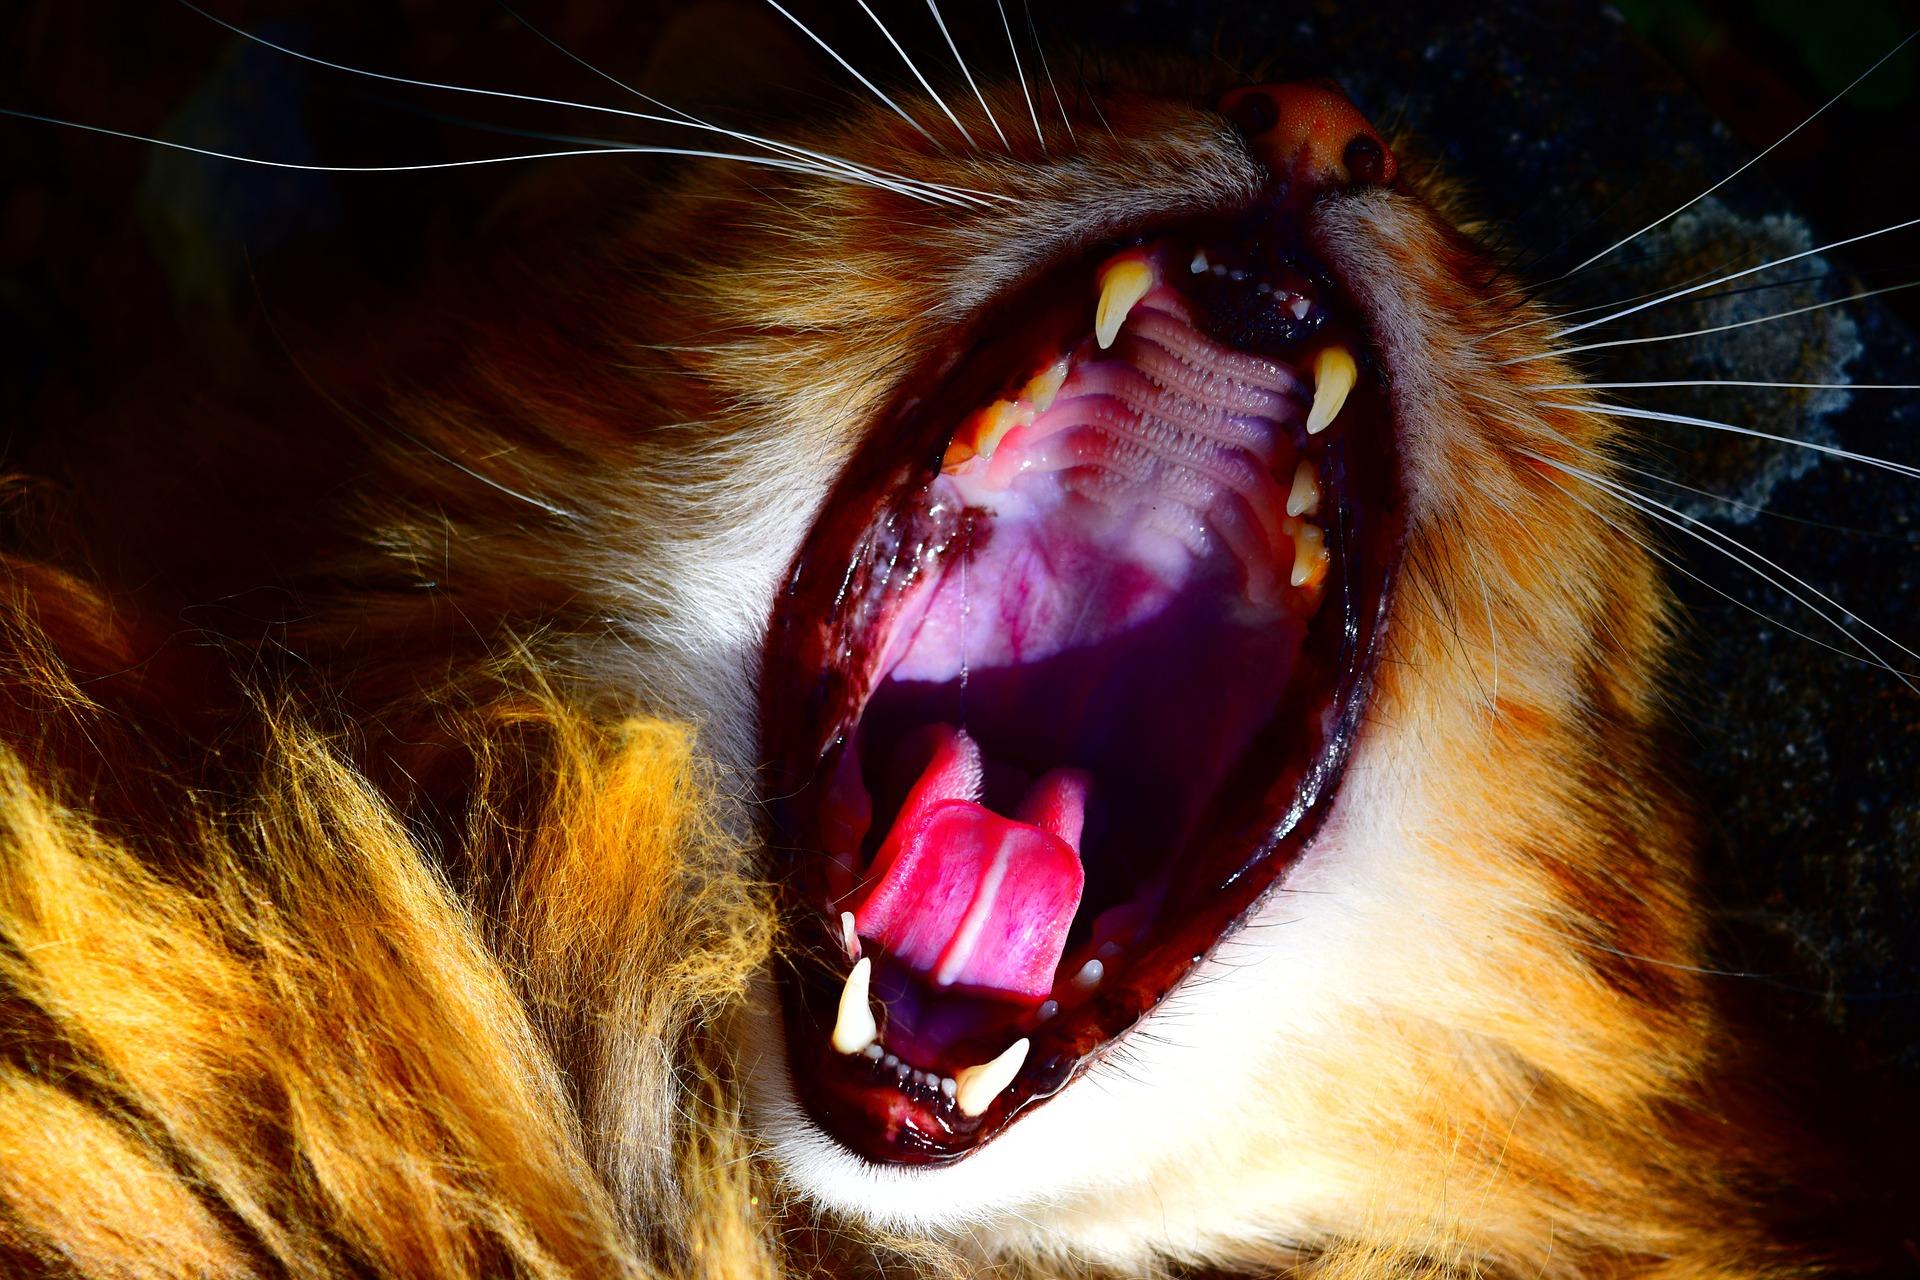 Aby zapobiec zapaleniu dziąseł u kota, należy przede wszystkim dbać o higienę jego jamy ustnej oraz zapewnić mu prawidłową dietę.